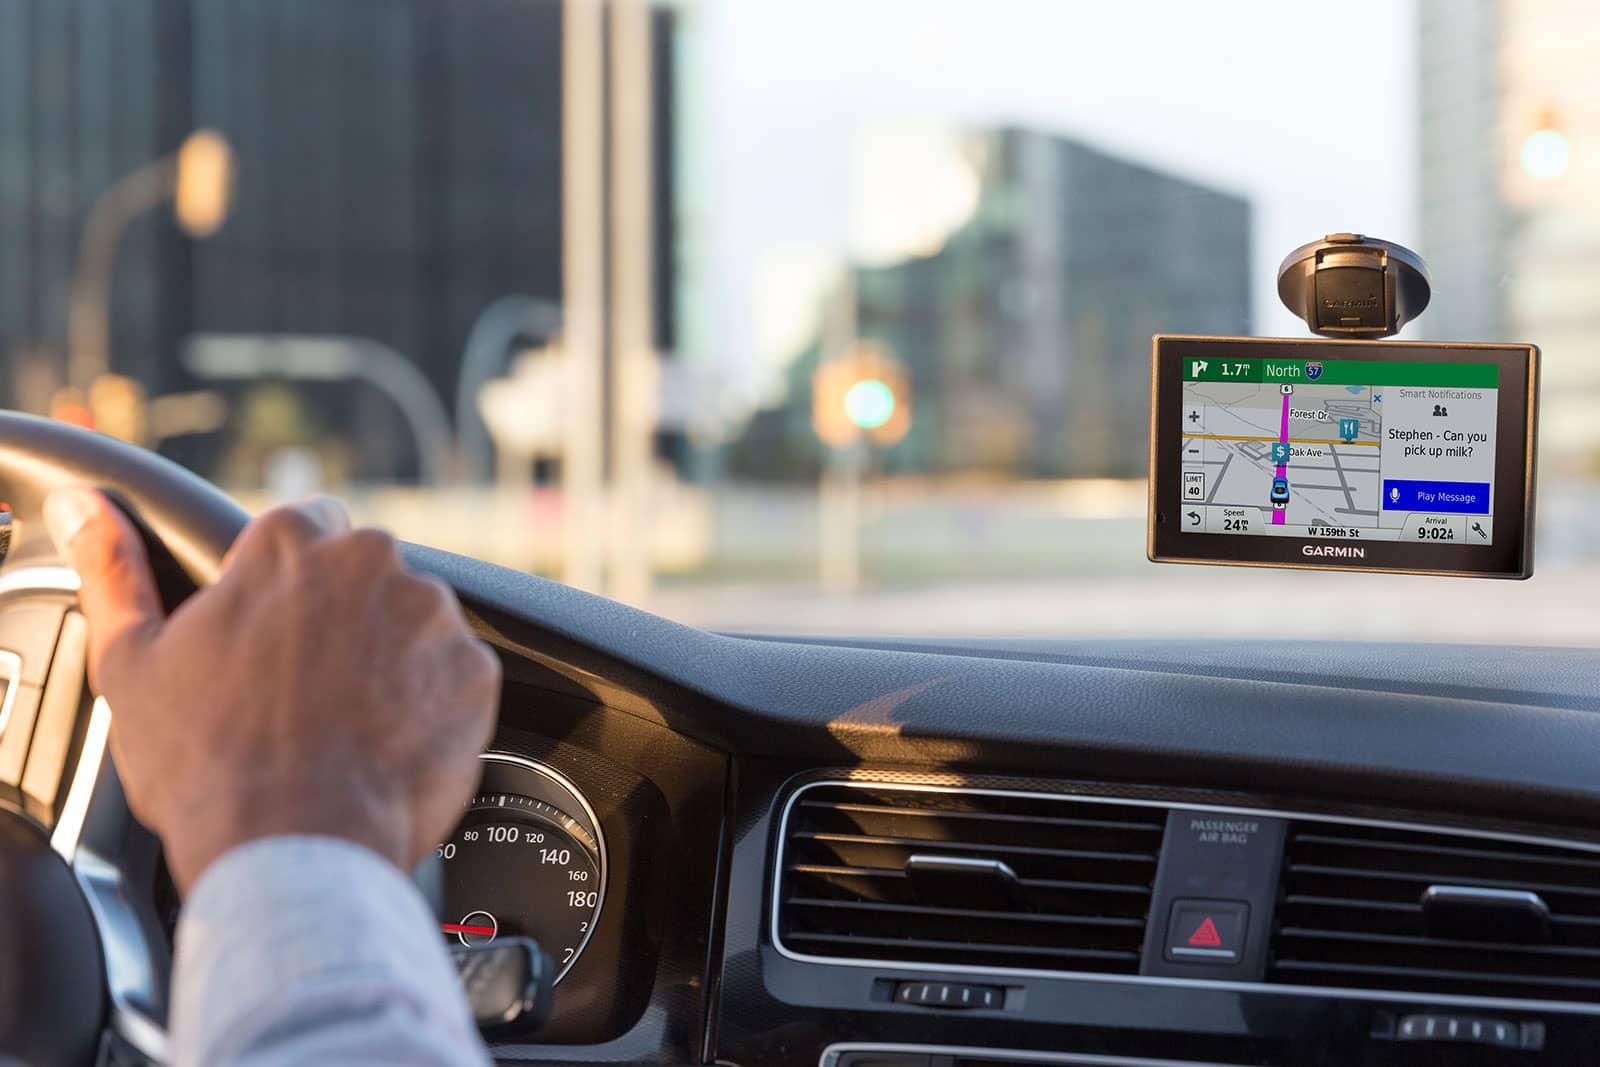 Consejo de GPS para ahorrar mucho en el alquiler del coche en Cancún